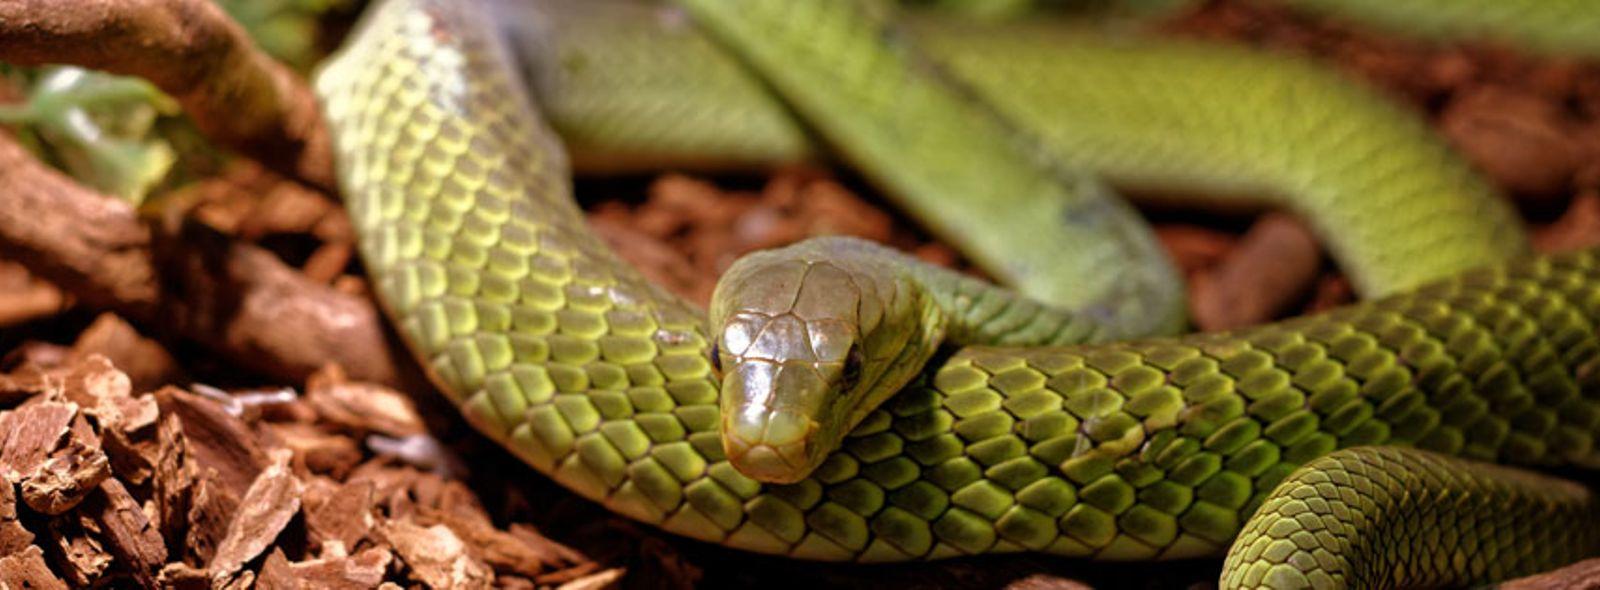 Come realizzare un terrario per serpenti